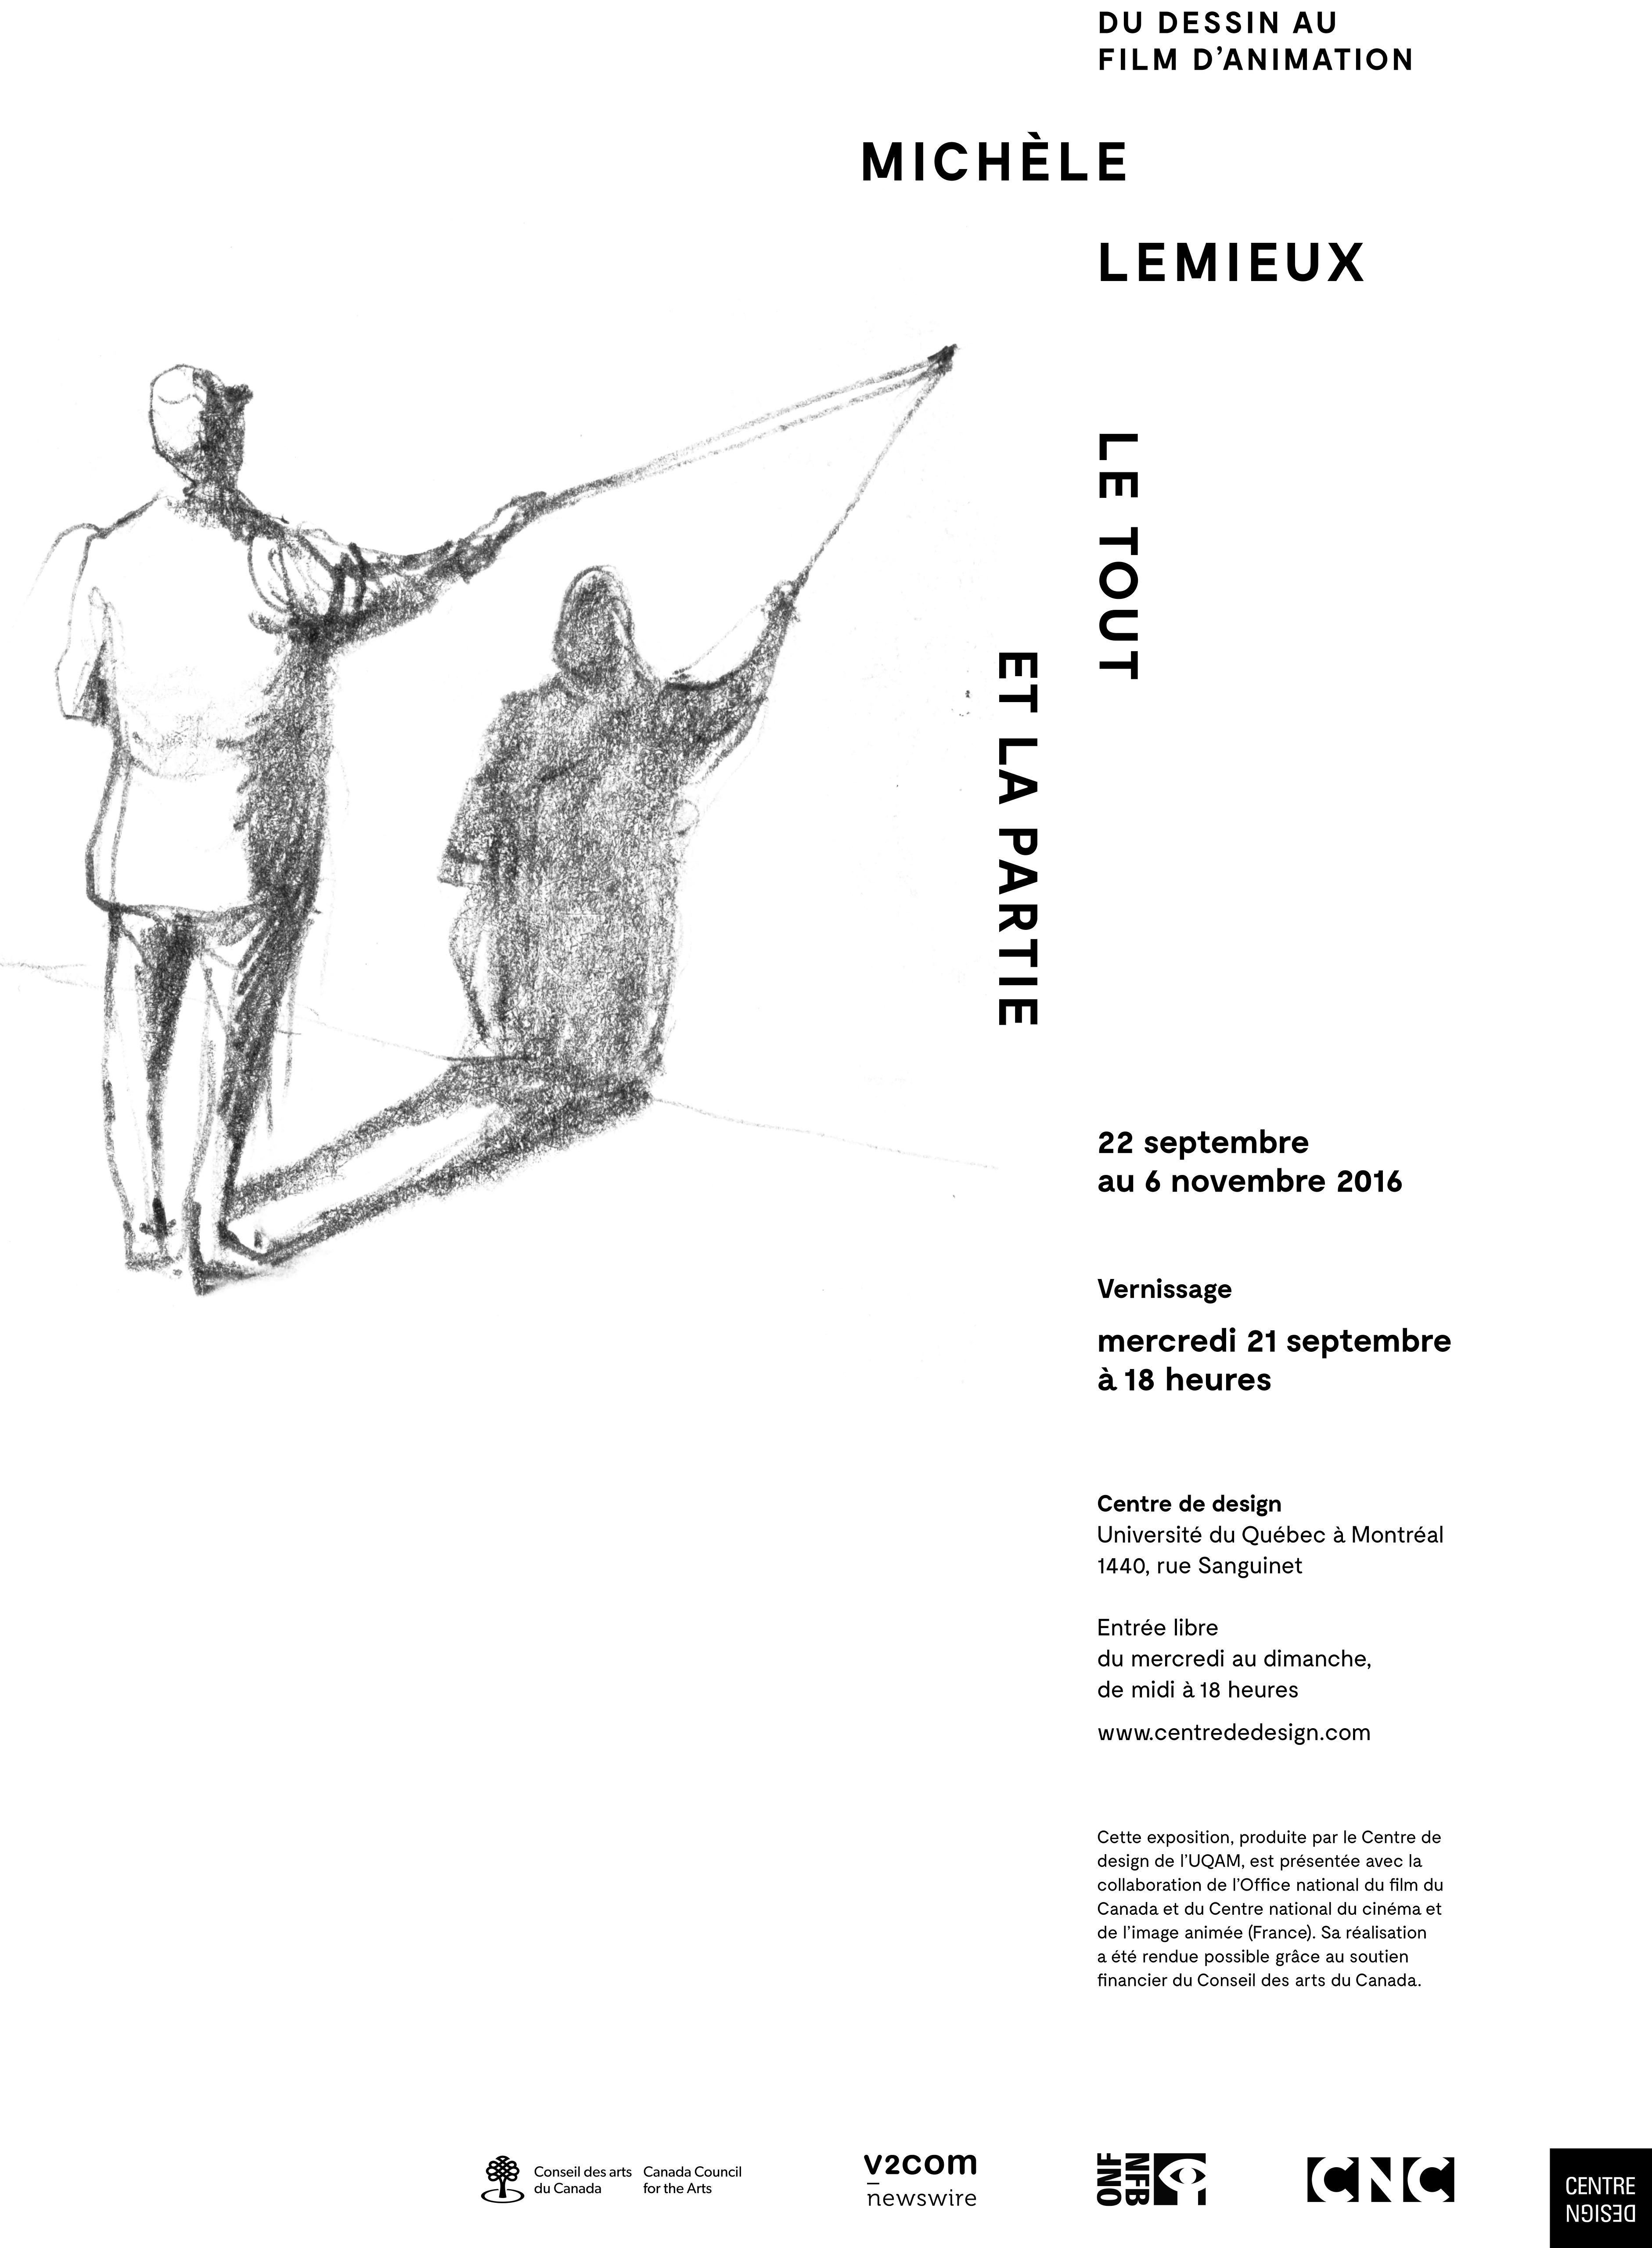 2016 - Exposition - Le tout et la partie Michèle Lemieux du dessin au film d'animation_ Version A